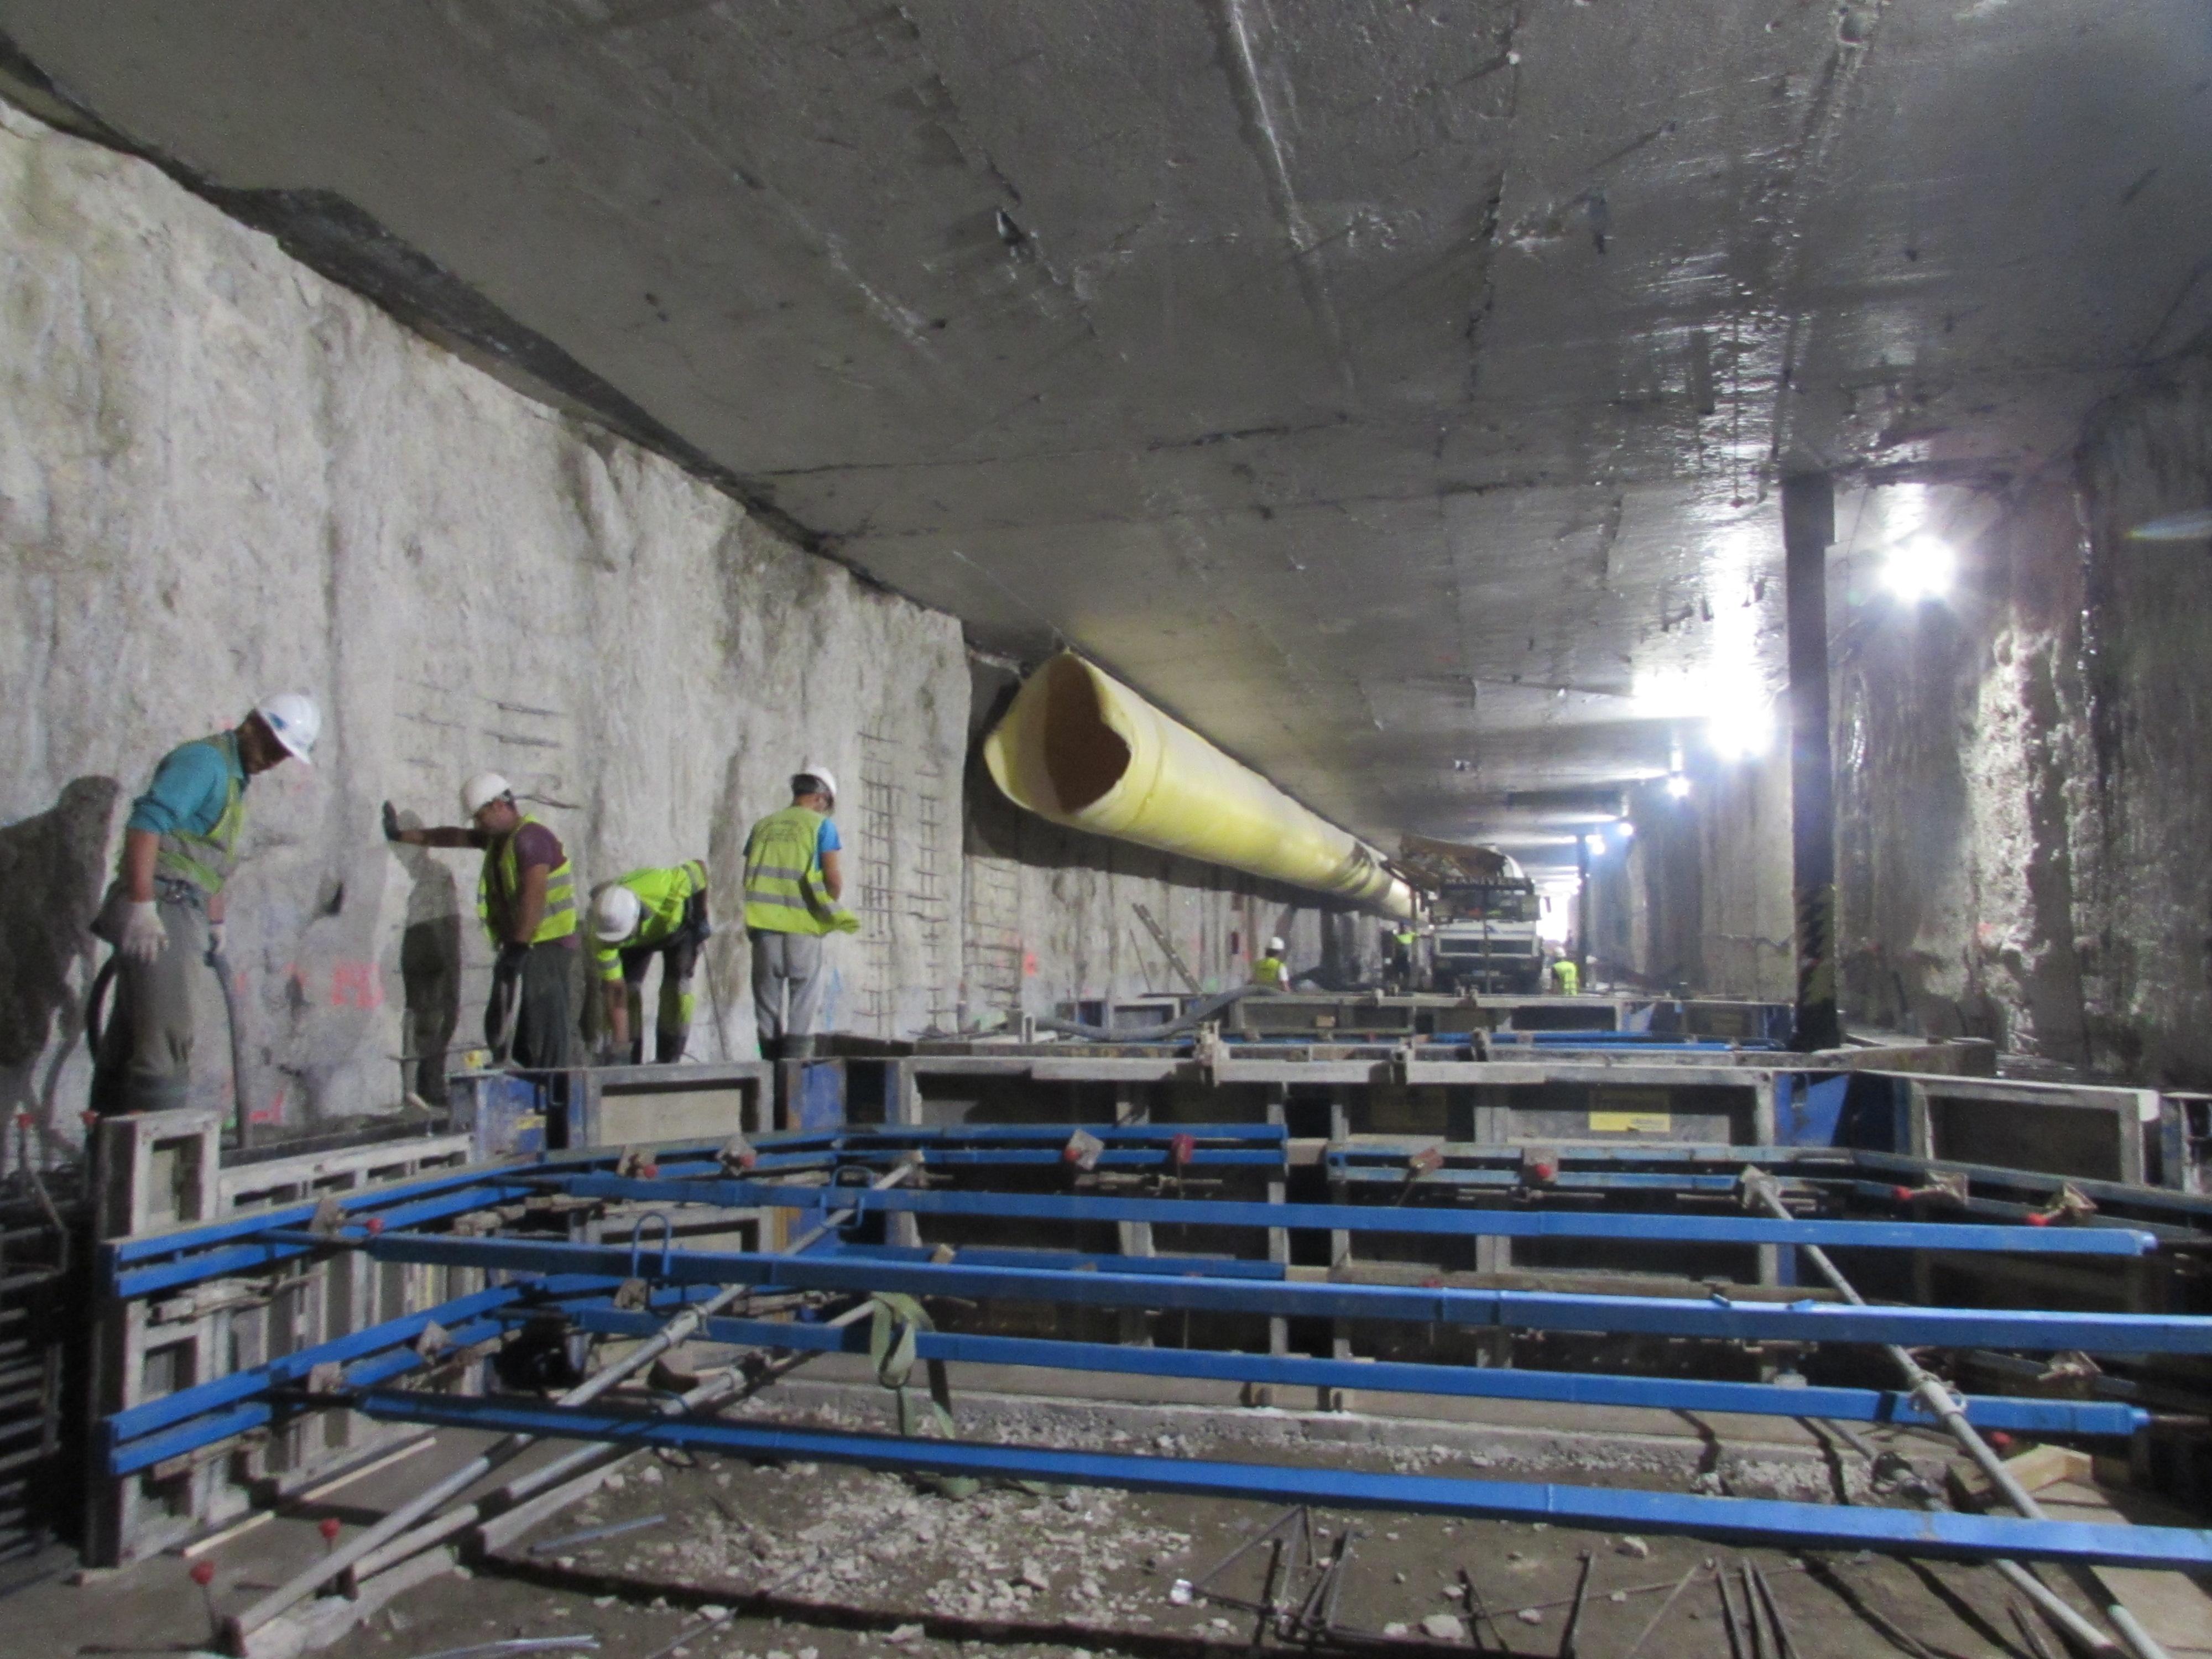 Operarios trabajando en el nivel intermedio del túnel entre Guadalmedina y Atarazanas del Metro de Málaga.